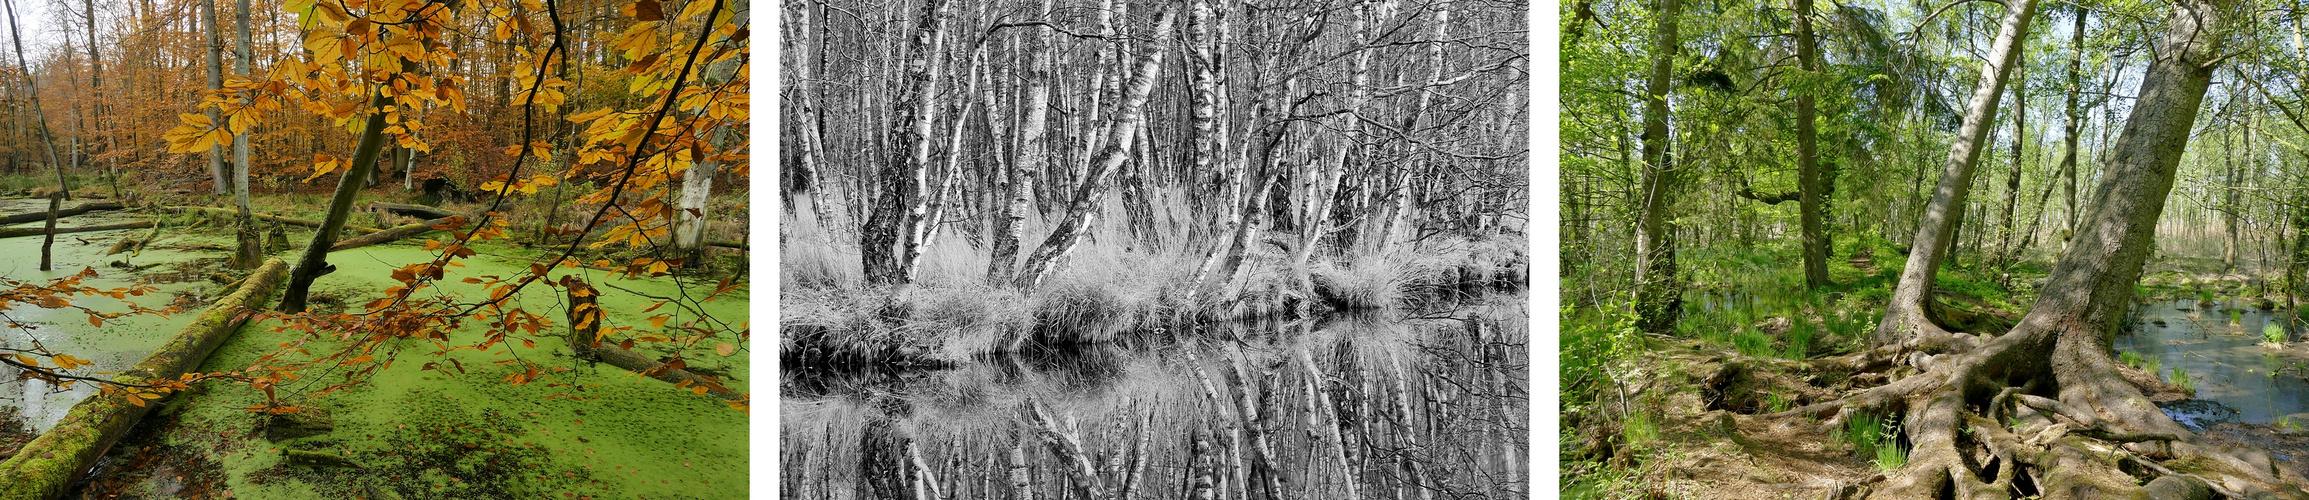 Waldwildnis und verträumtes Moor